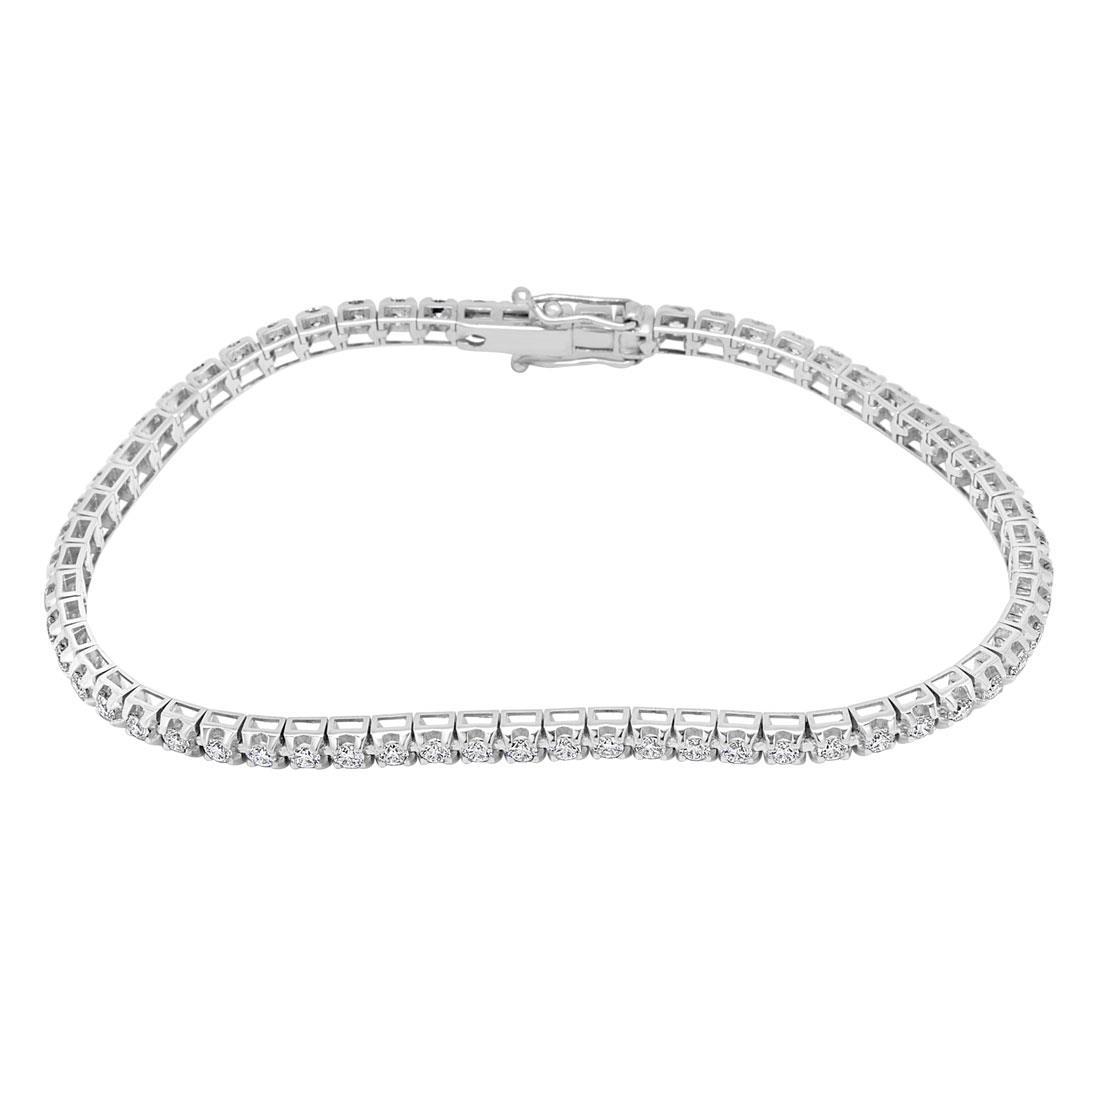 Bracciale tennis in oro bianco con diamanti ct 2.10 - ALFIERI & ST. JOHN